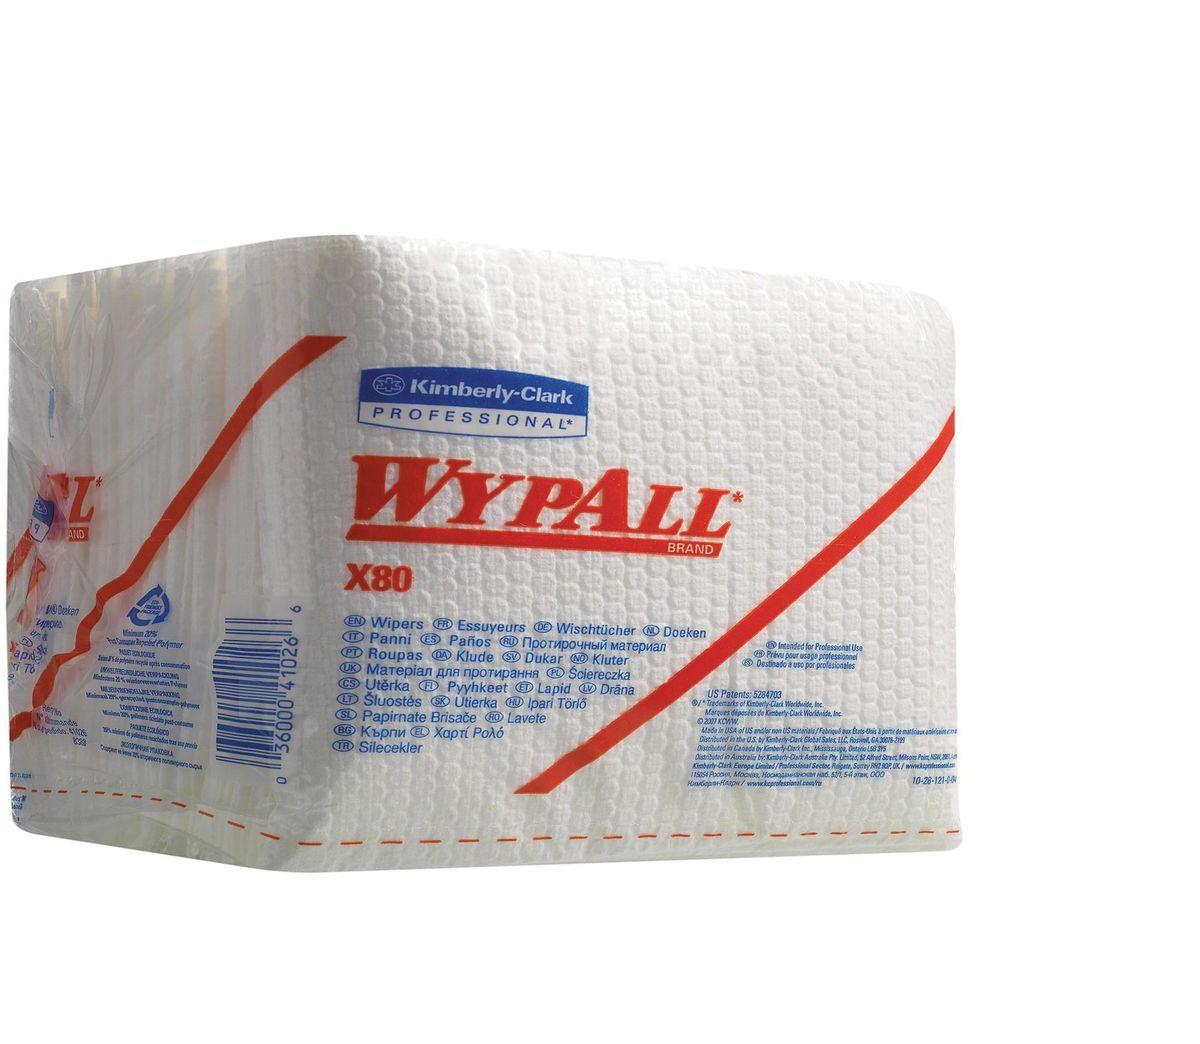 Салфетки бумажные Wypall Х80, 50 шт. 8388787502Бумажные салфетки Wypall Х80, изготовленные из целлюлозы и синтетики, обладают отличной впитывающей способностью, долговечностью и прочностью, как в сухом, так и во влажном состоянии. Салфетки могут использоваться с большинством растворителей, обеспечивают быструю очистку и помогают сократить расходы. Подходят для работы по очистке от клея, масла, мусора, стекол, а также для прецизионной очистки сложных механизмов и деталей. Салфетки Wypall Х80 могут использоваться с переносными или стационарными диспенсерами для контроля расхода продукта и уменьшения объема отходов.